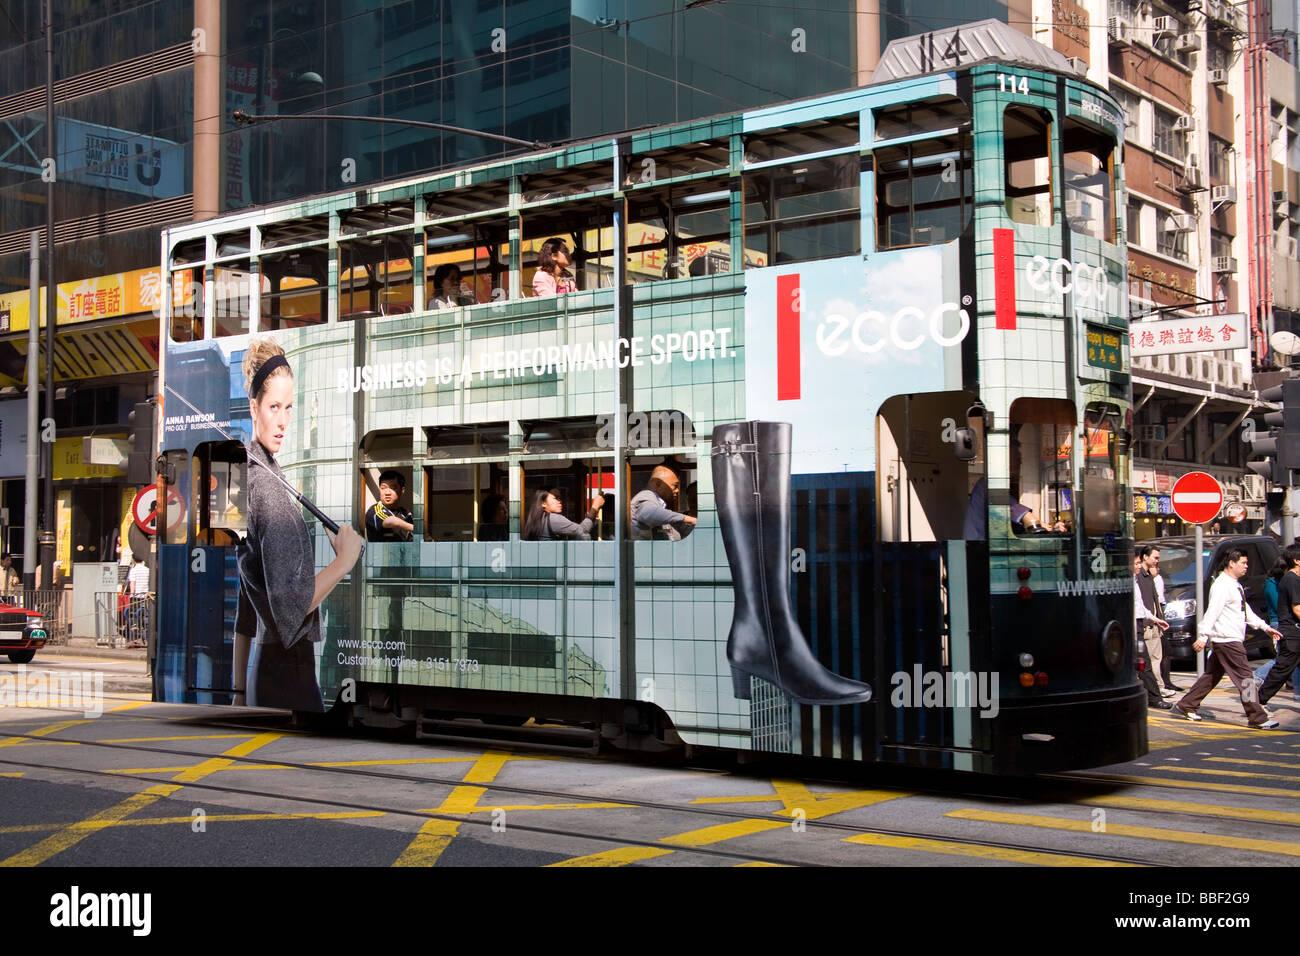 Double stored tram; Hong Kong, Honk Kong Island, China - Stock Image